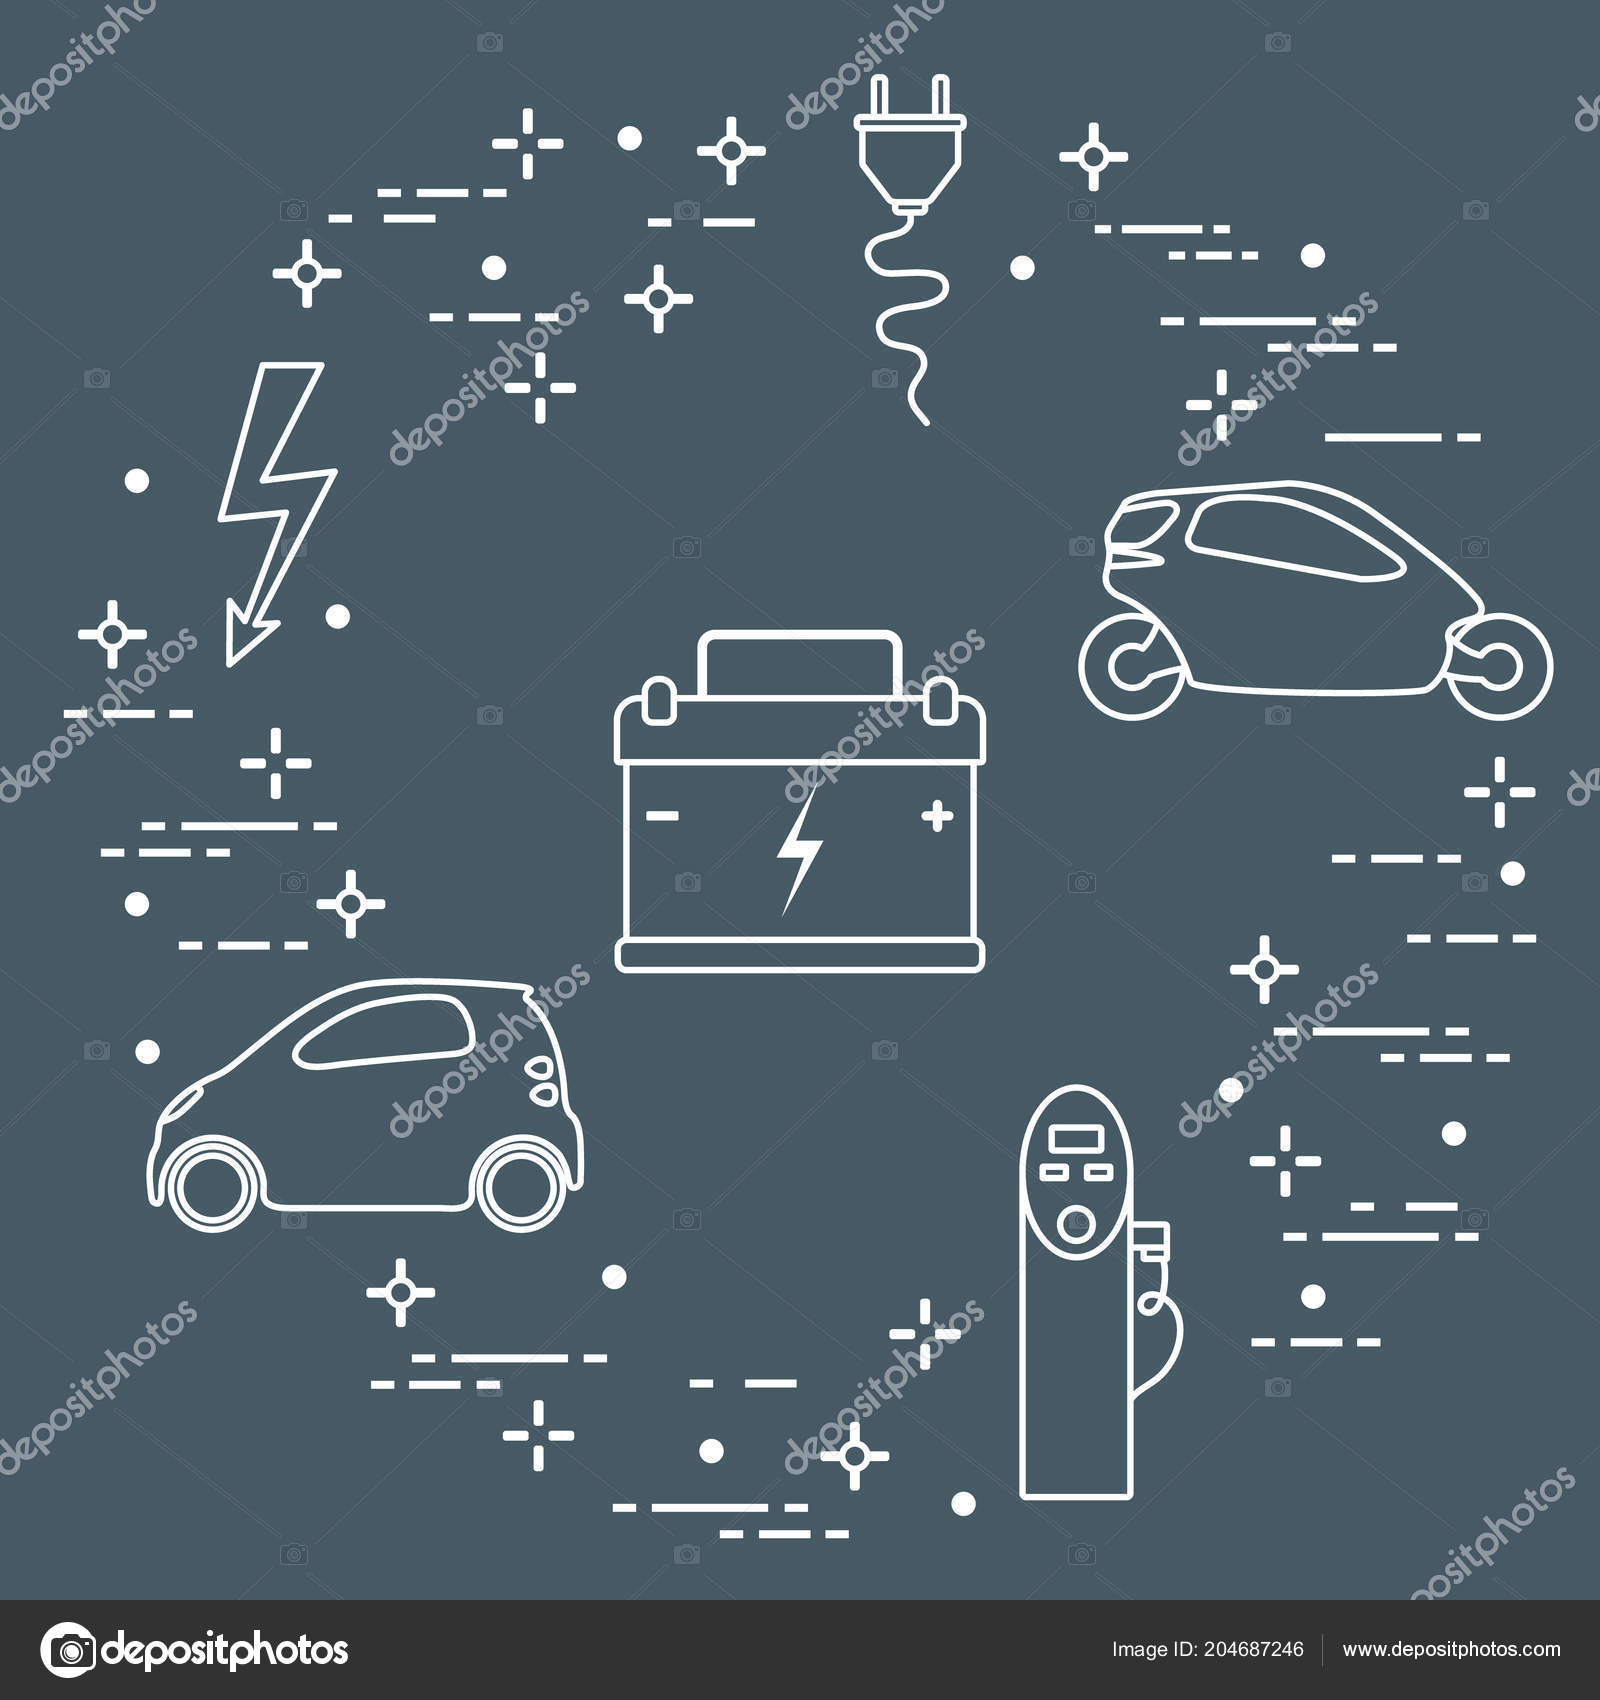 Электробезопасность зарядного у билеты по теме электробезопасность